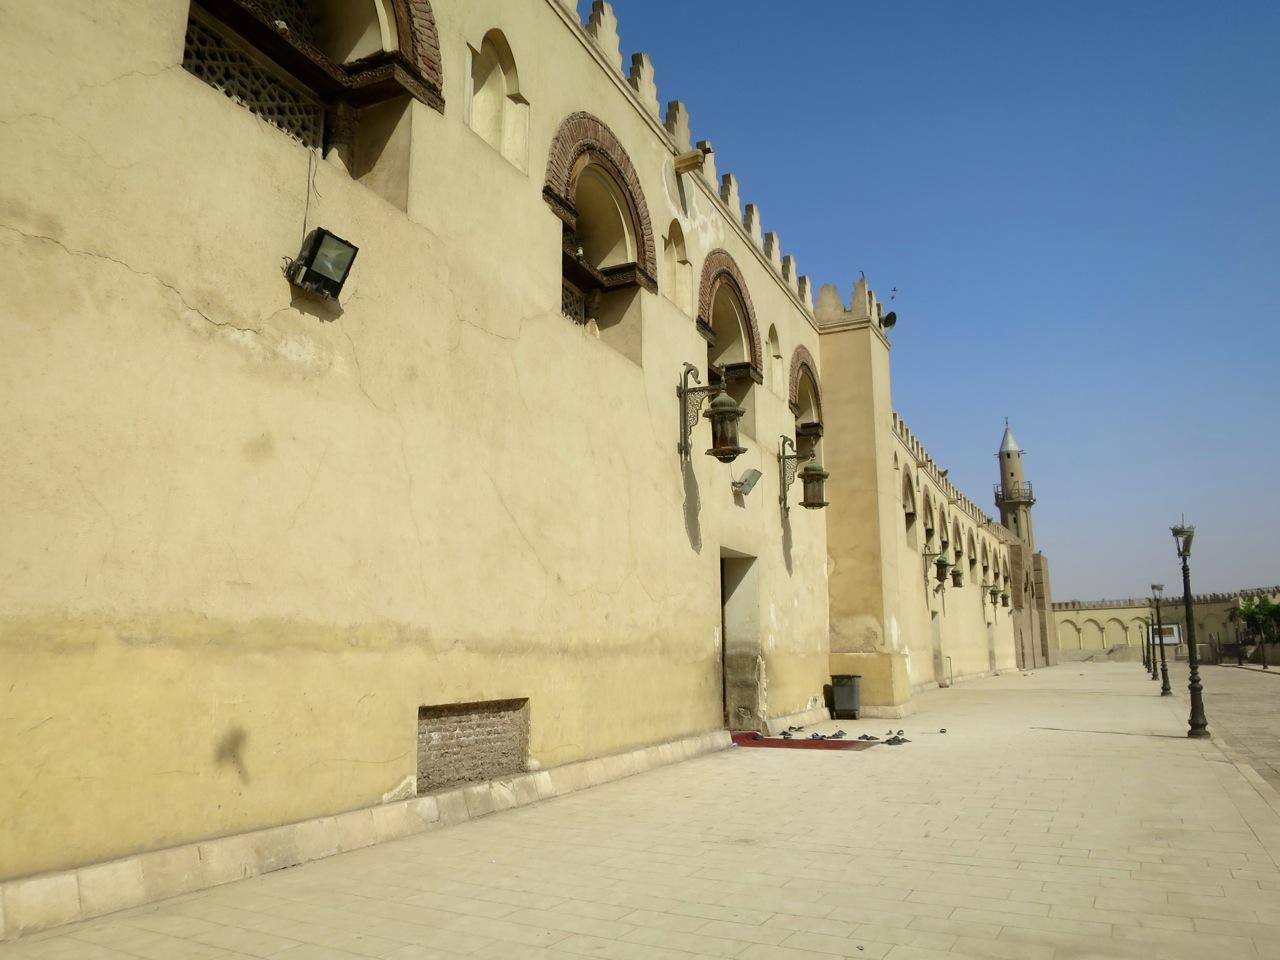 Cairo 9-02